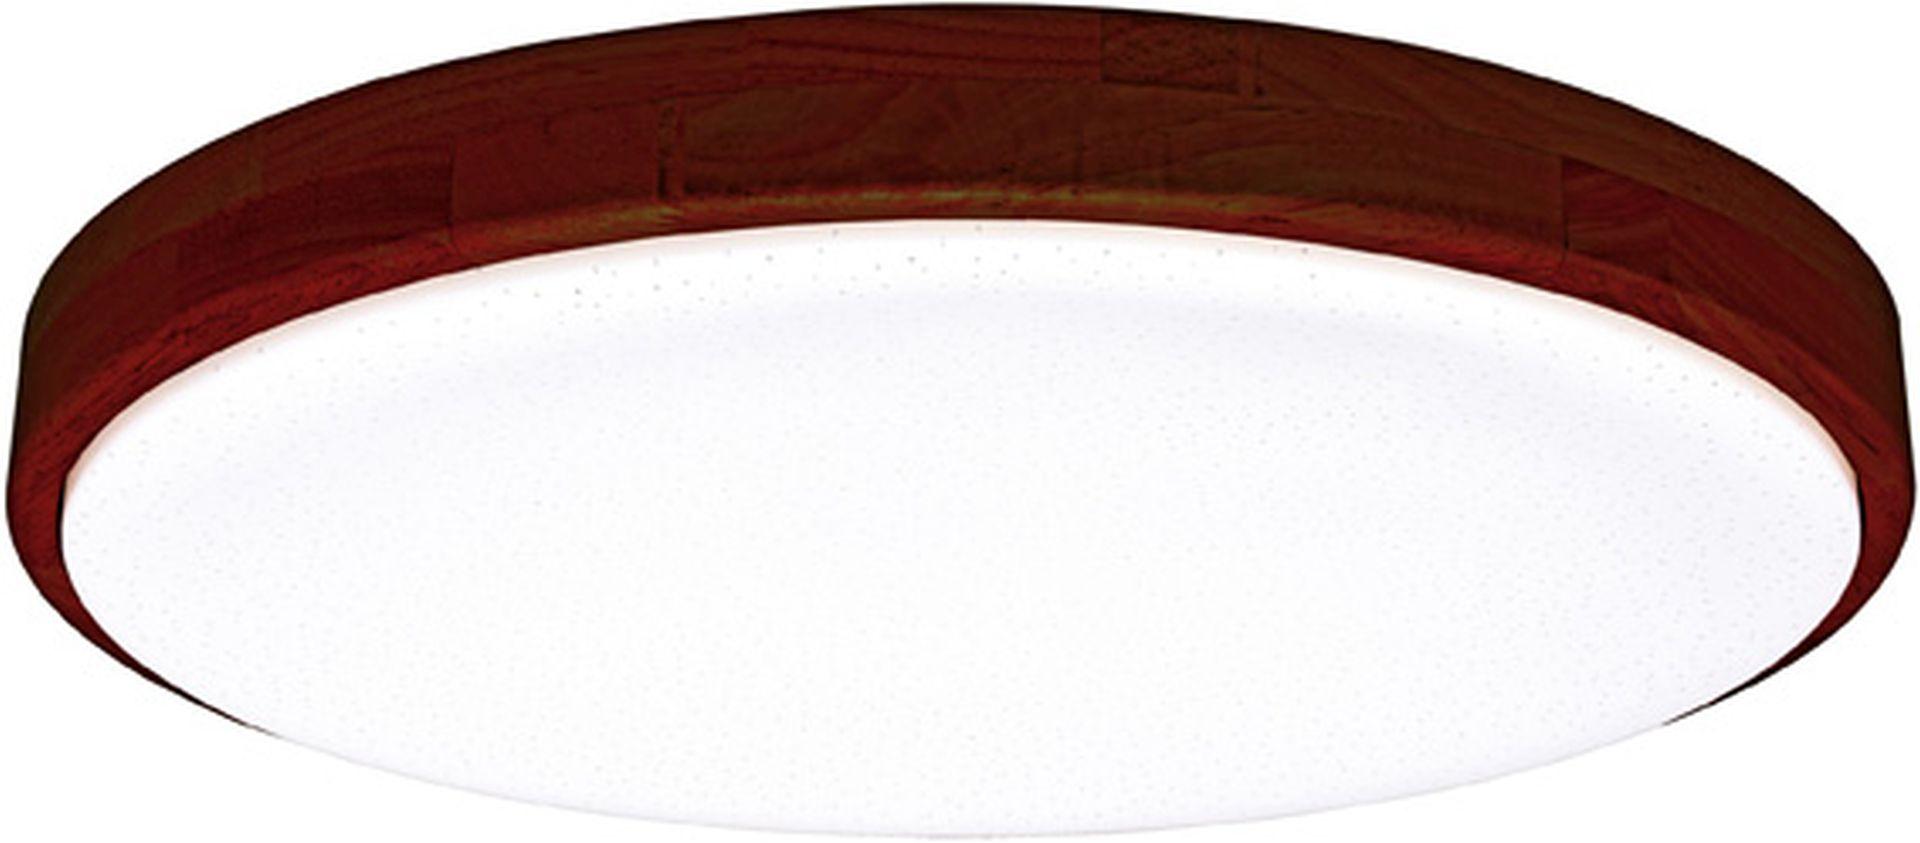 Ecolite LED stropné svietidlo 60W s tmavým dreveným rámčekom WLD500-60W/LED/TD